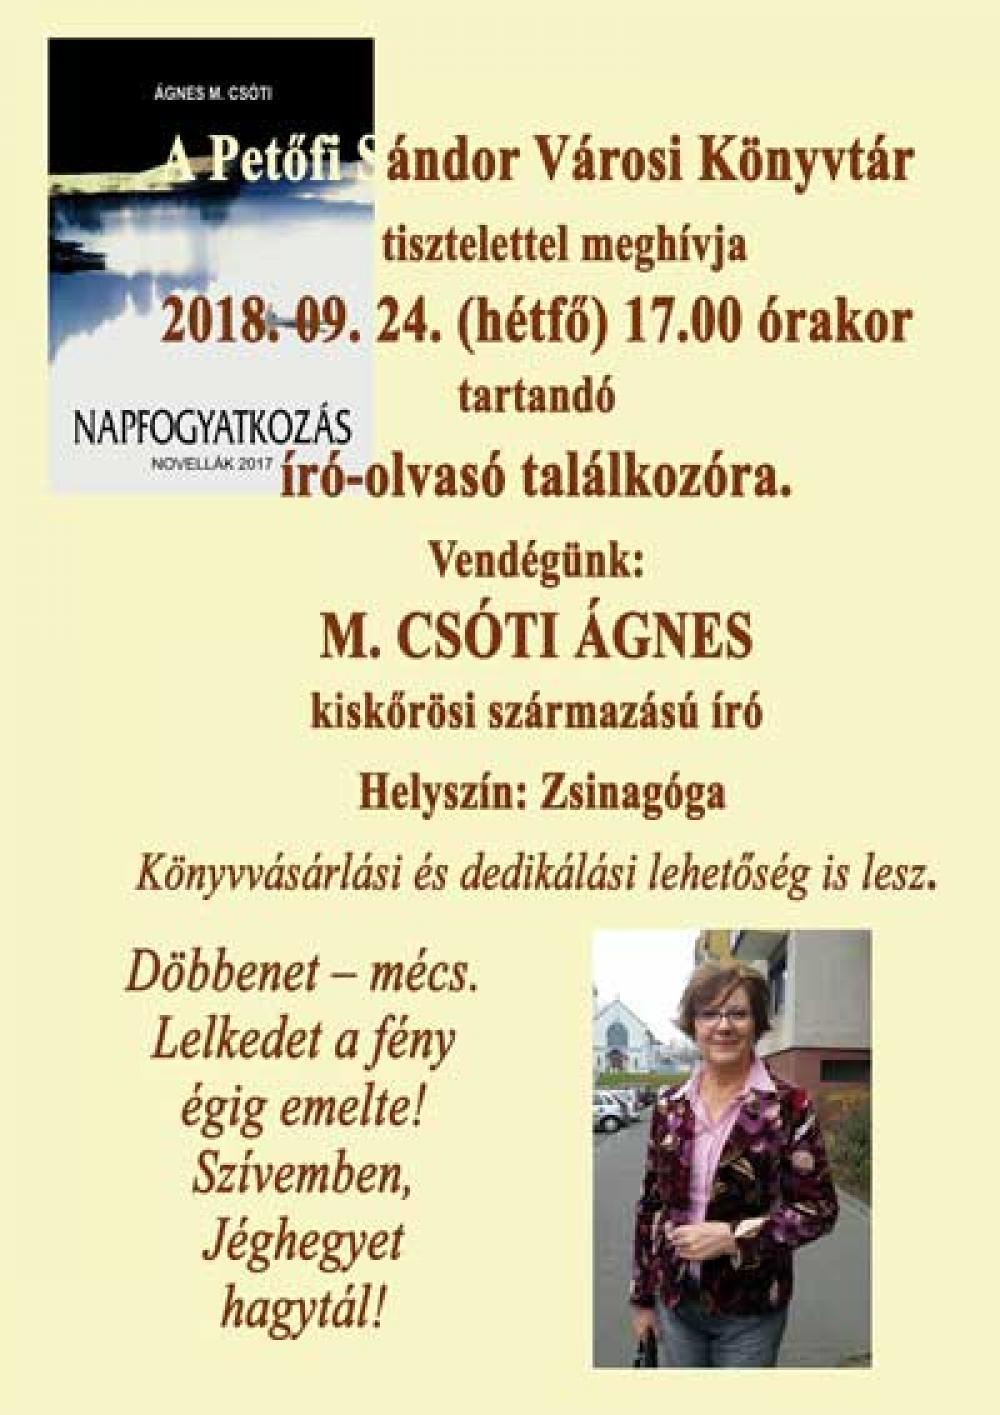 Író-olvasó találkozó - M. Csóti Ágnes